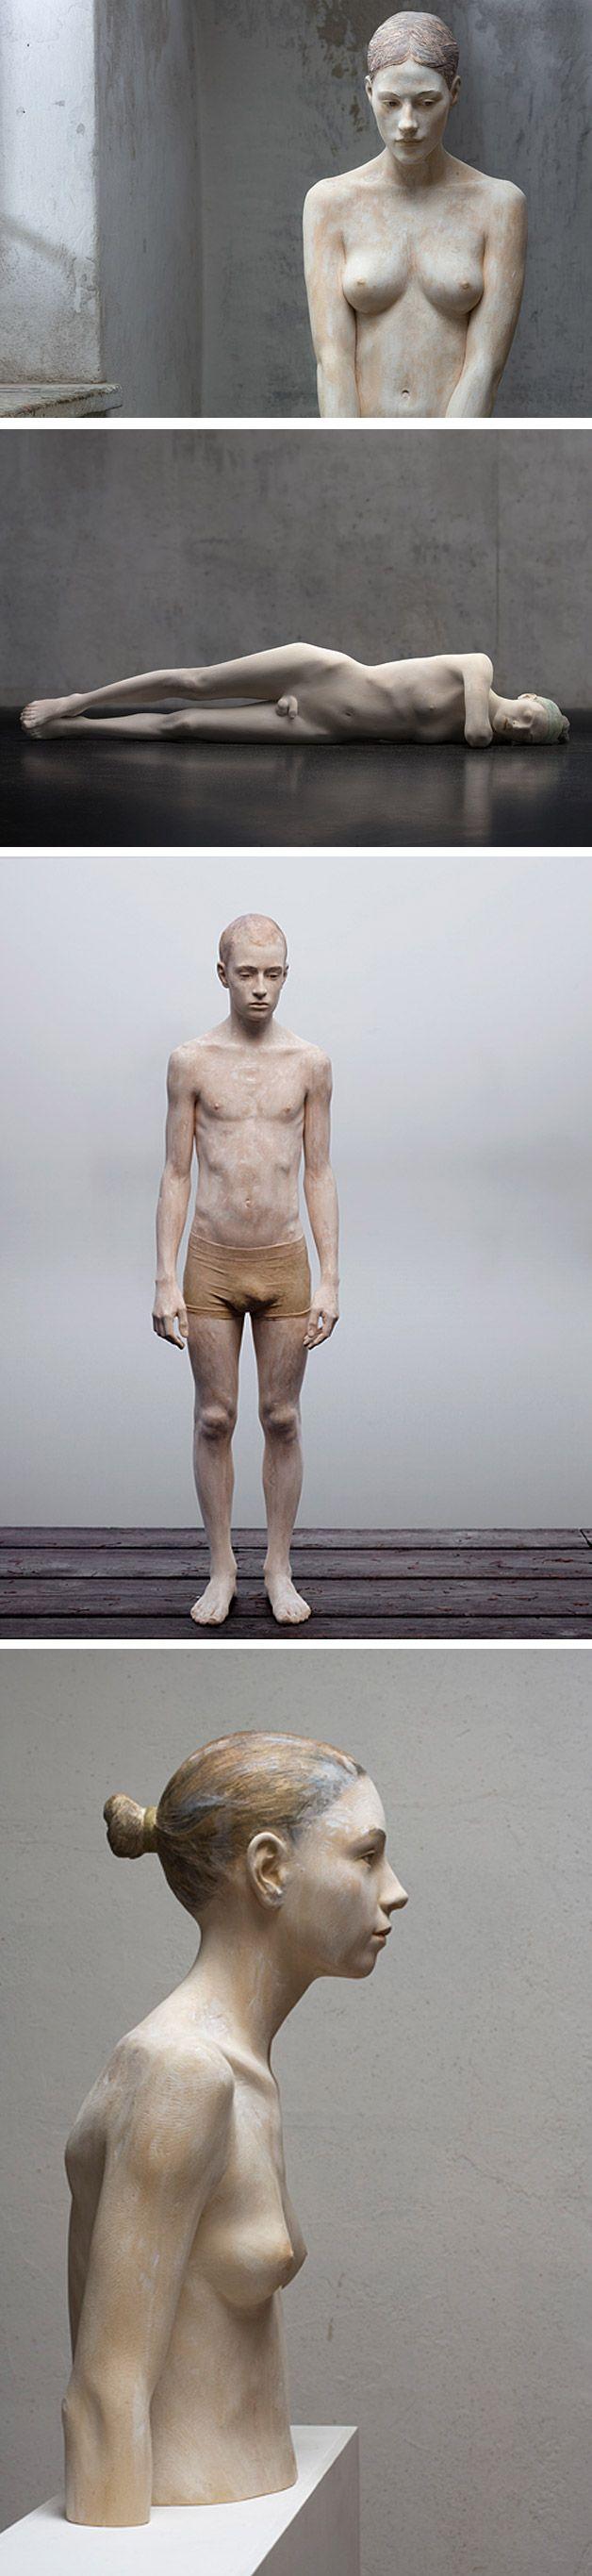 madeira1 >> O trabalho do artista italiano Bruno Walpoth é de cair o queixo com seu hiper-realismo em esculturas de madeira com uma noção de anatomia assustadora.